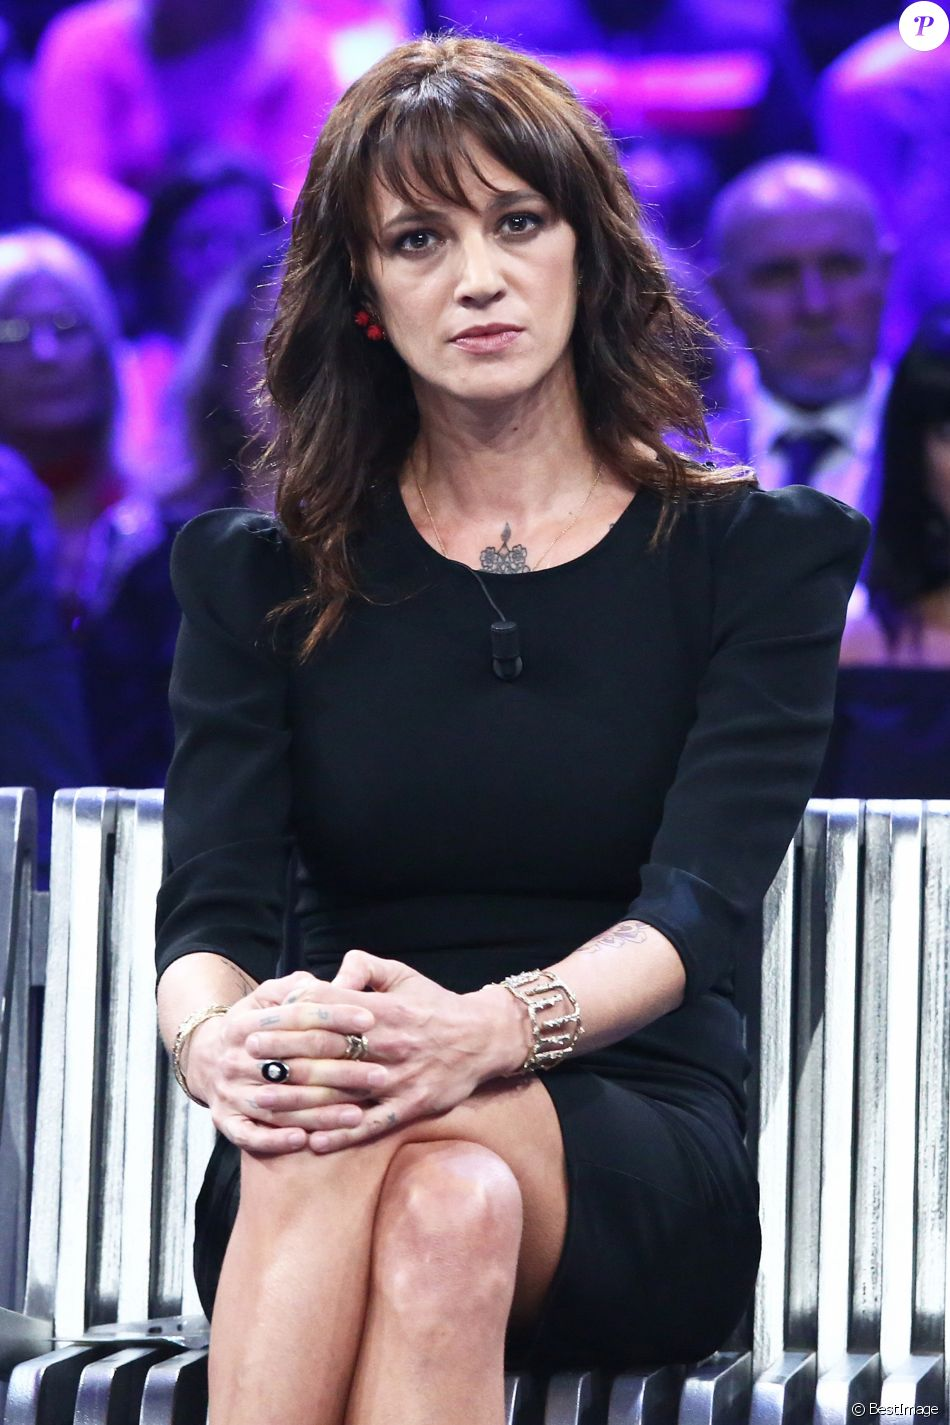 """Asia Argento sur le plateau de """"Non è l'Arena"""" sur la chaîne italienne LA7, dimanche 30 septembre 2018 à Rome."""